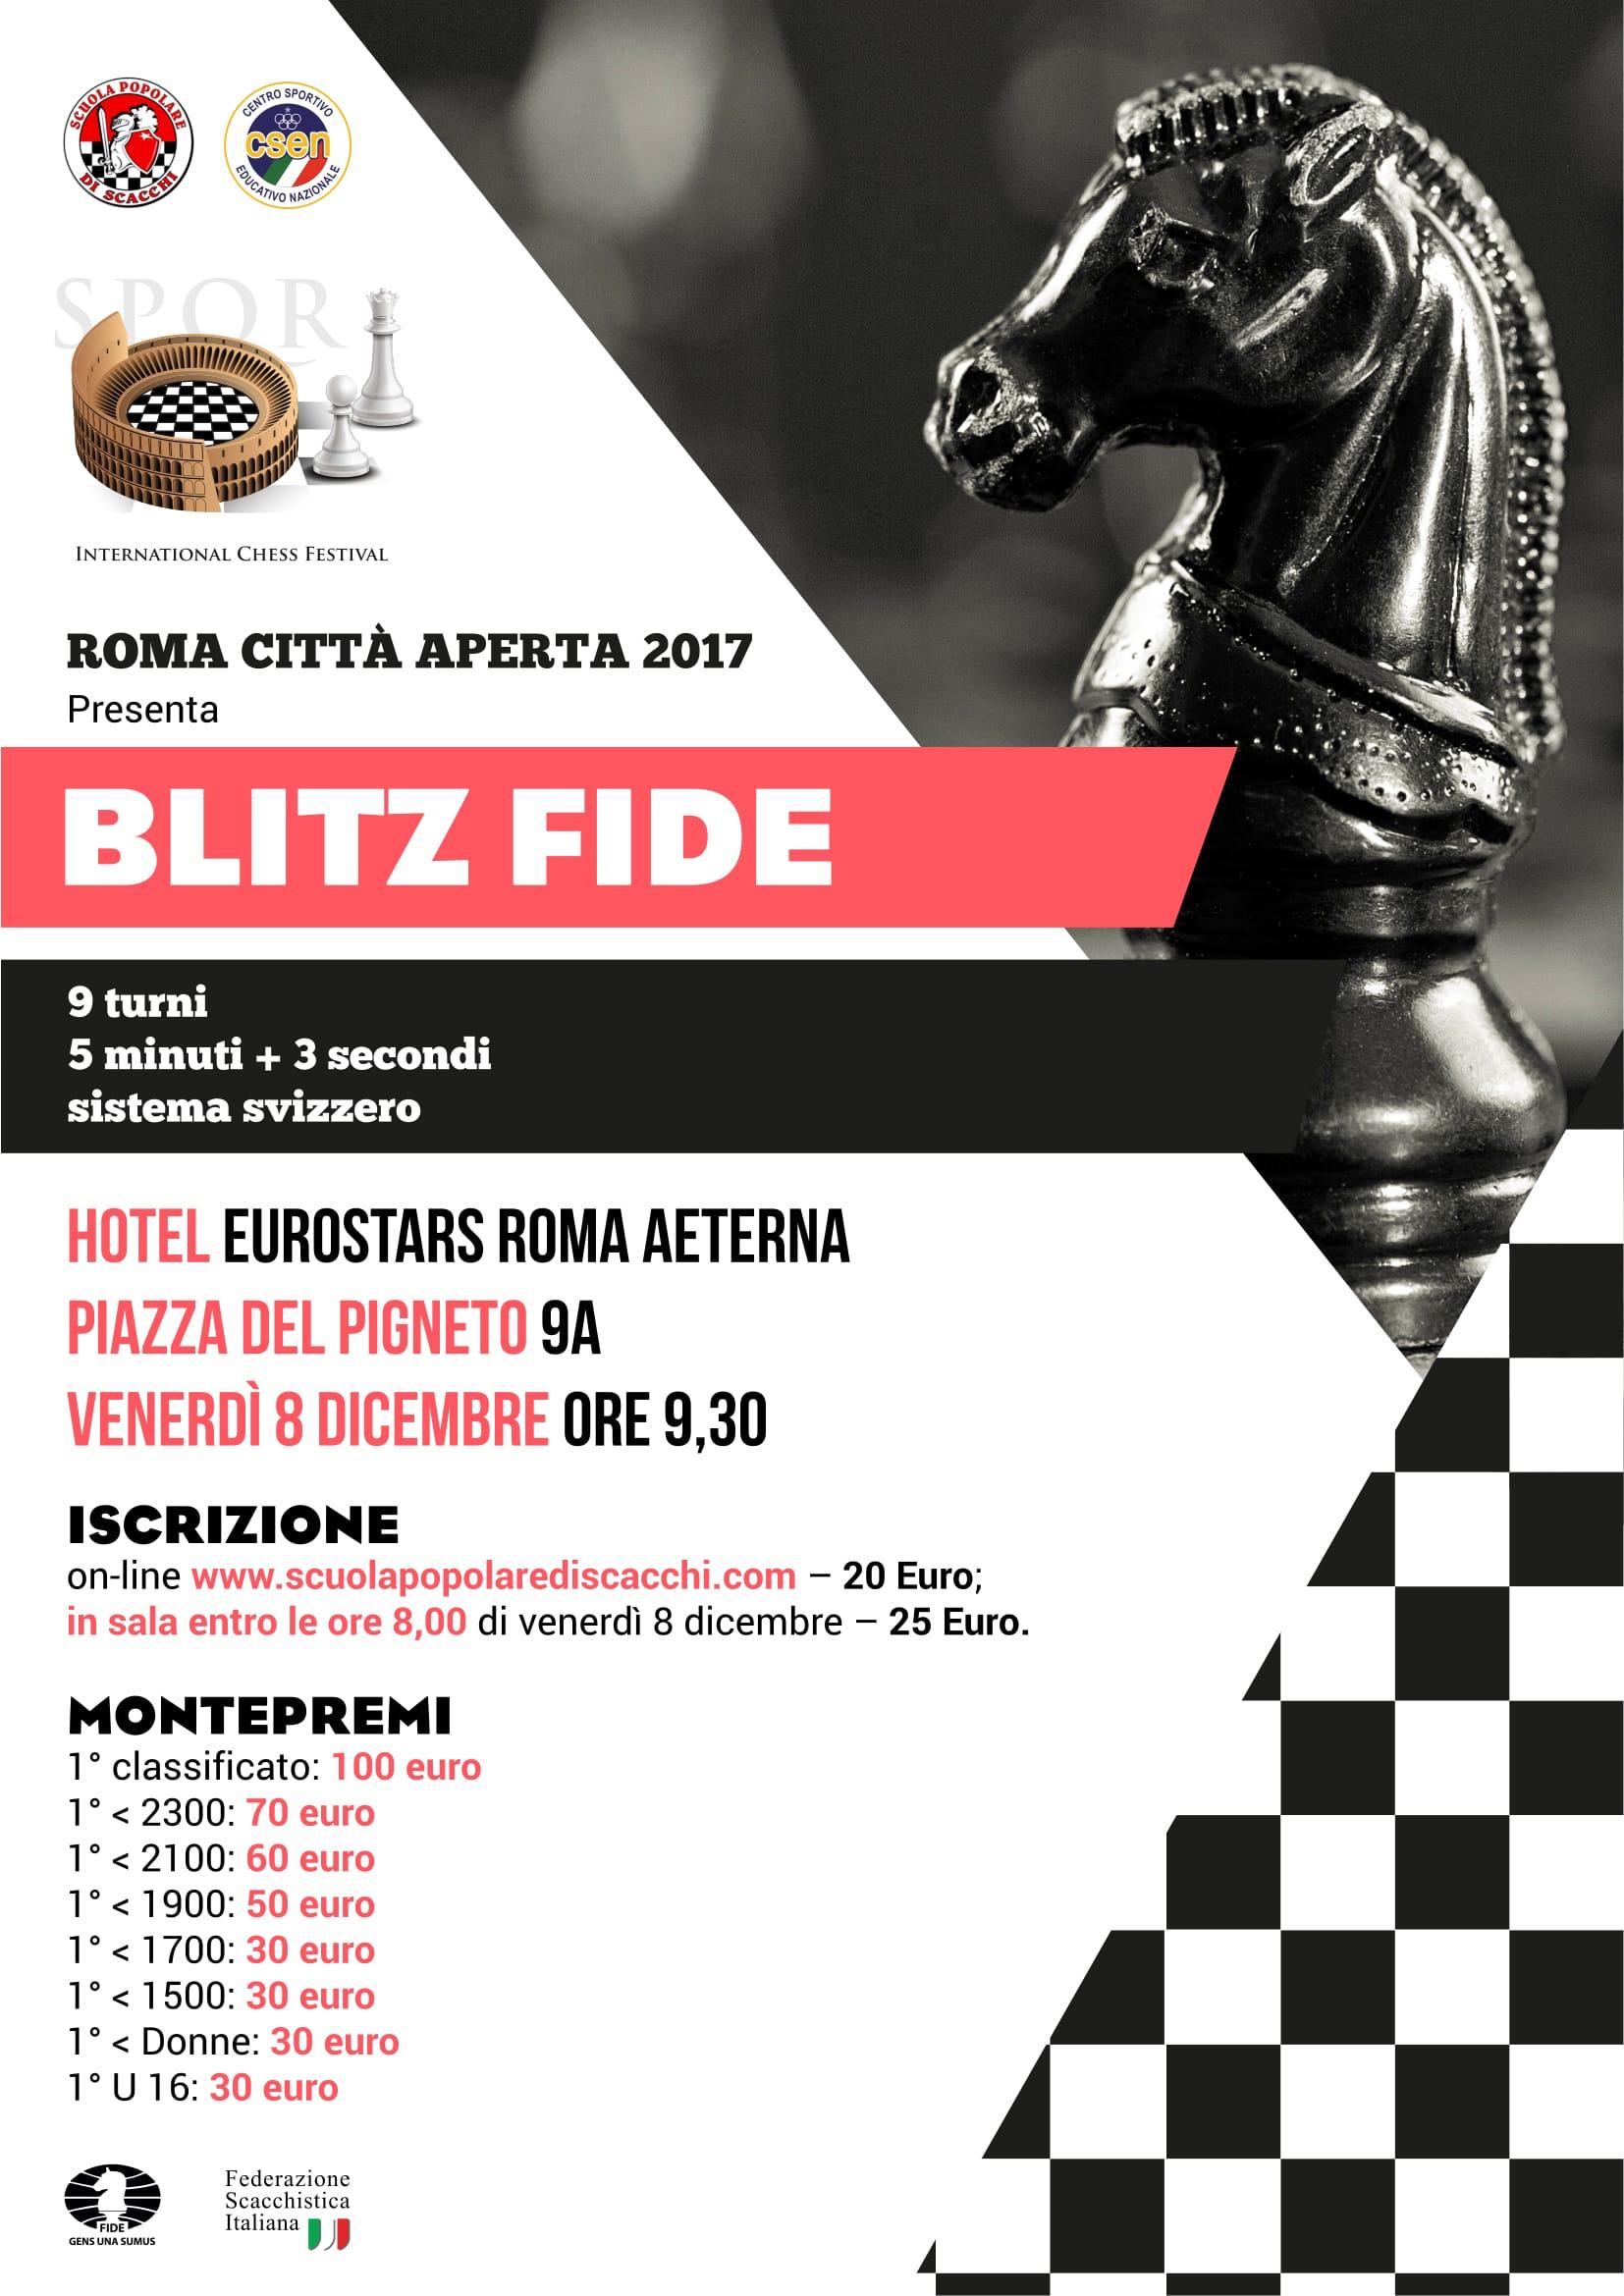 Blitz Fide 8 December 2017